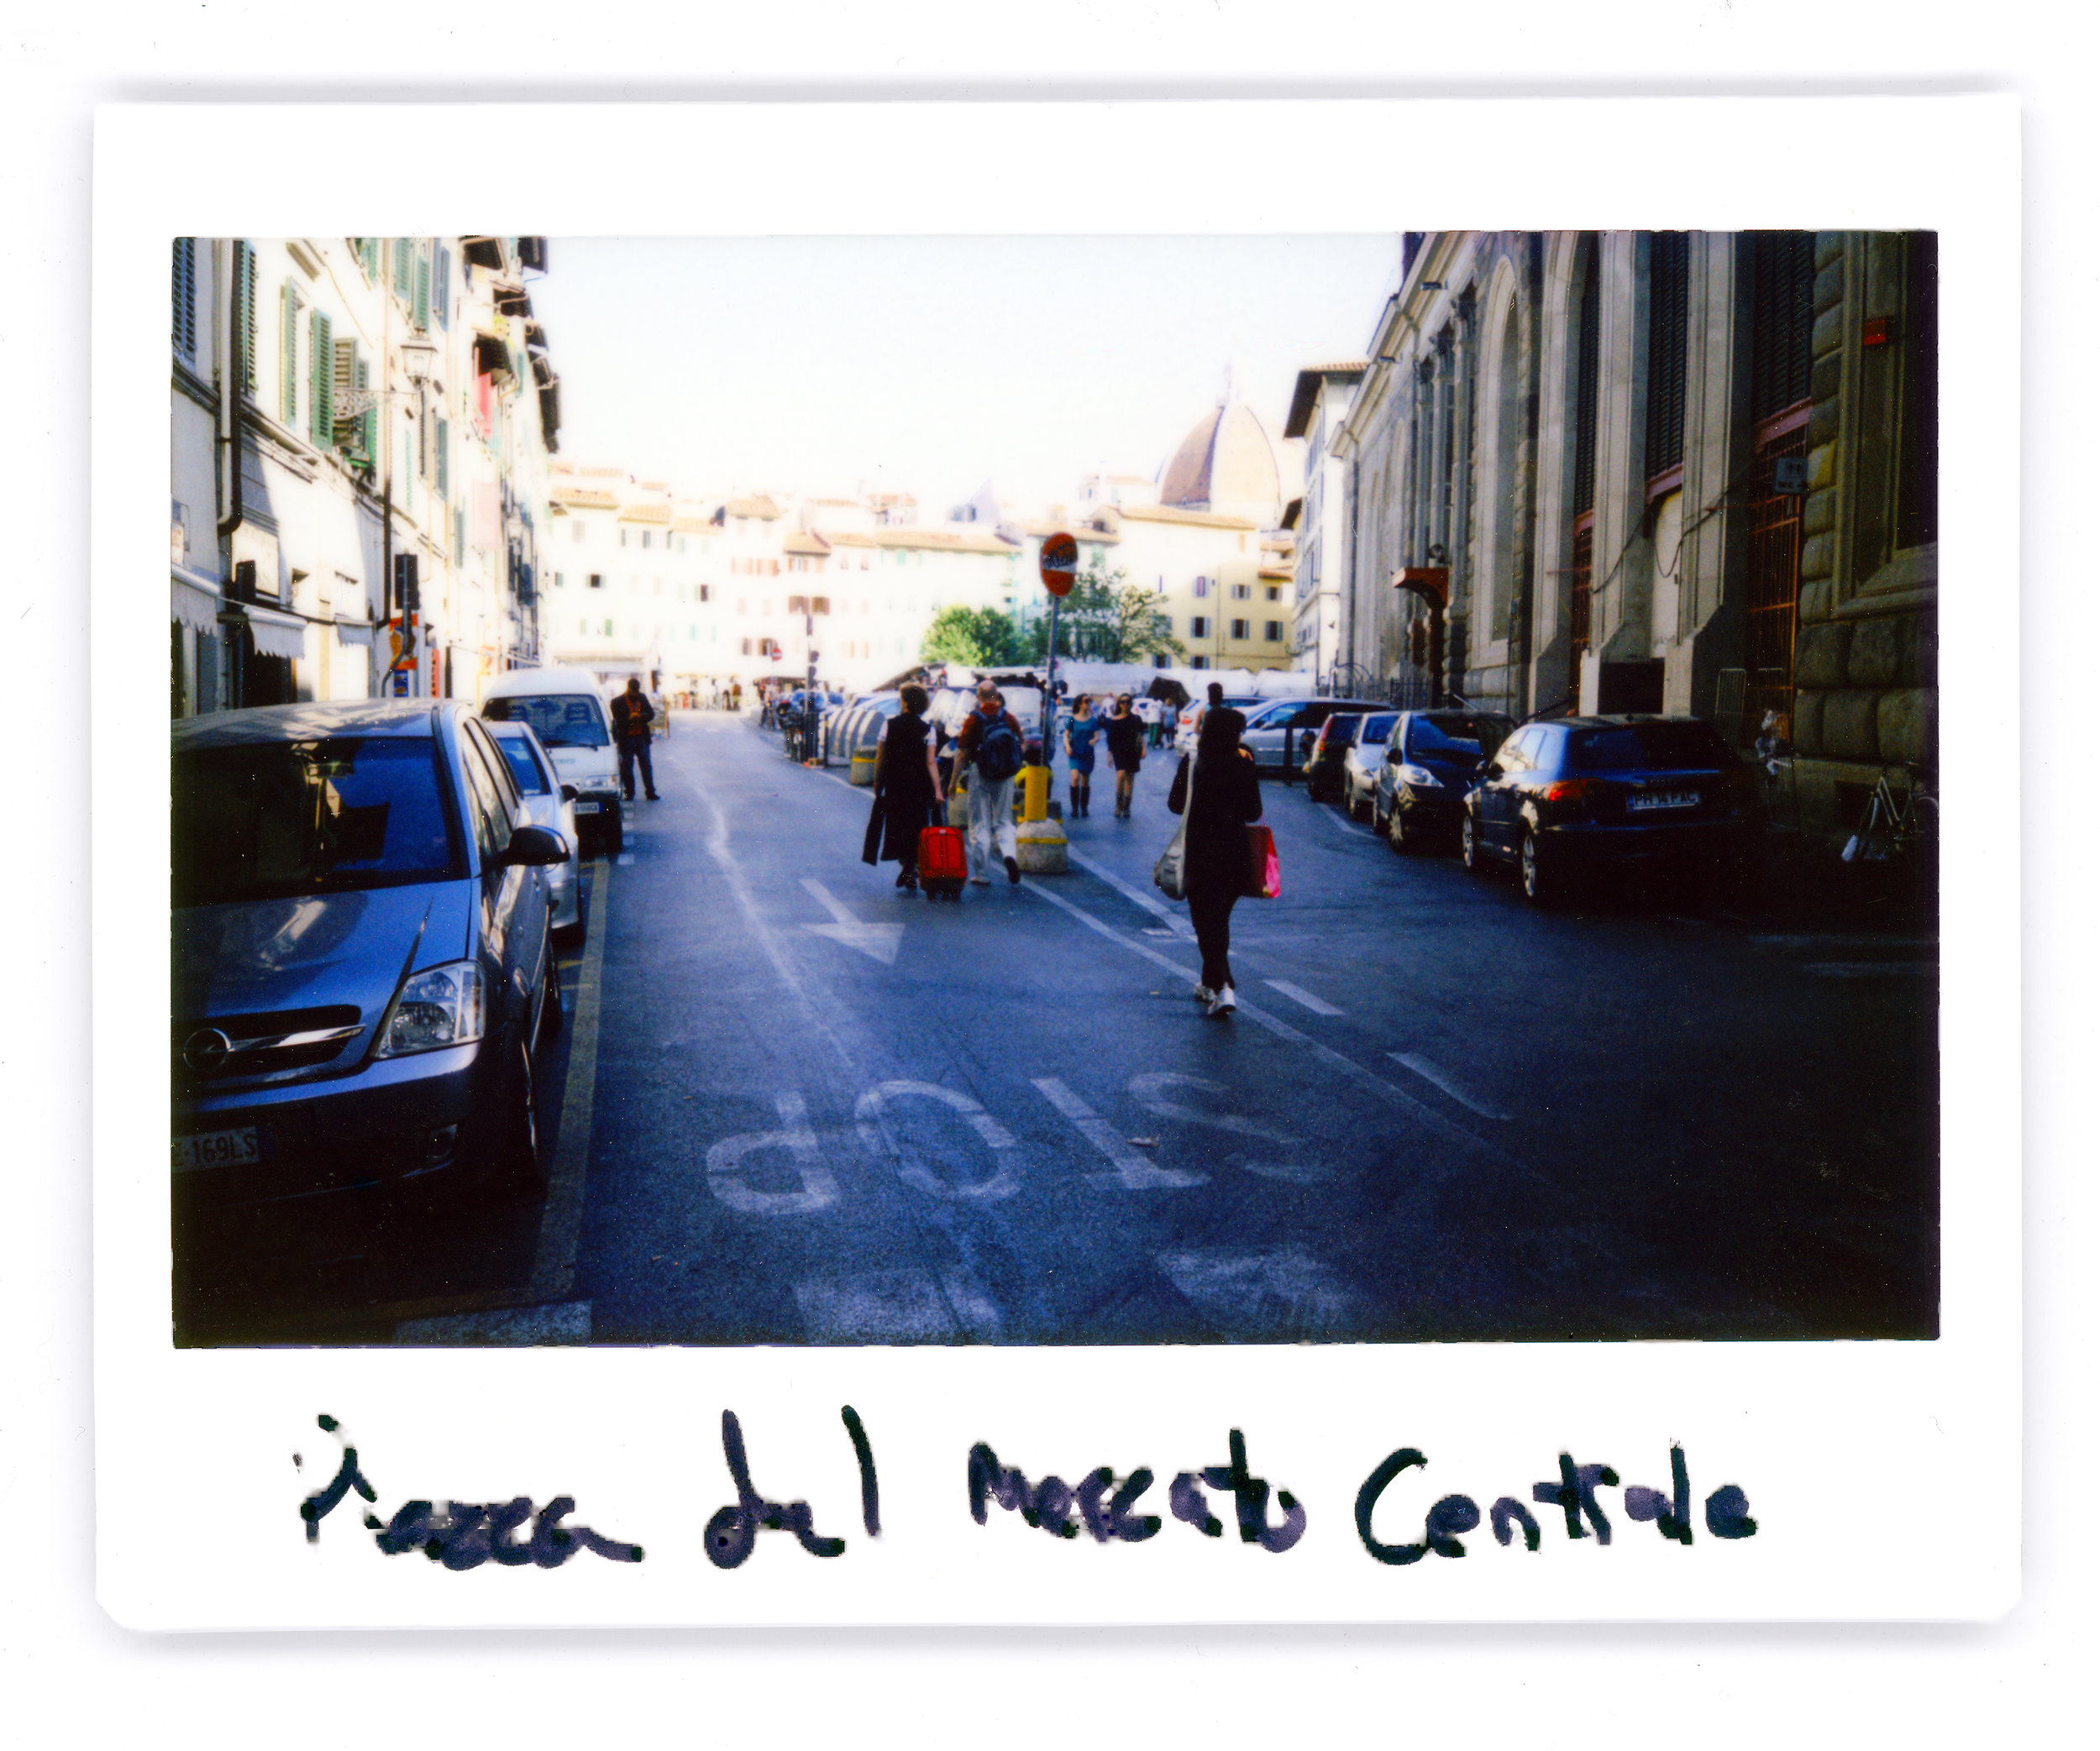 06_Piazza_del_marcato_Centrale copy.jpg